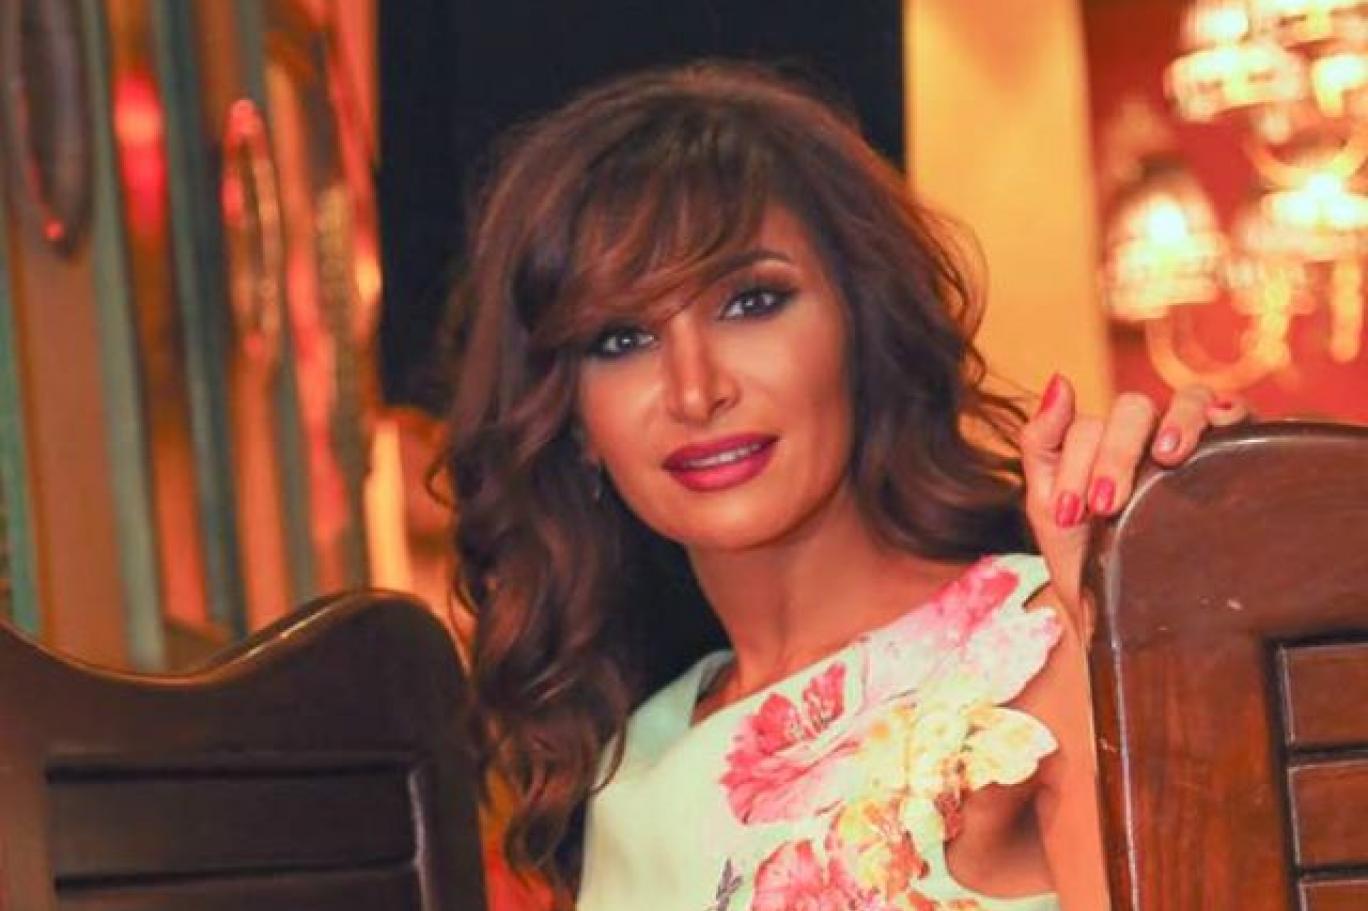 رشا شربتجي: الدراما السورية استهلكت البيئة الشامية